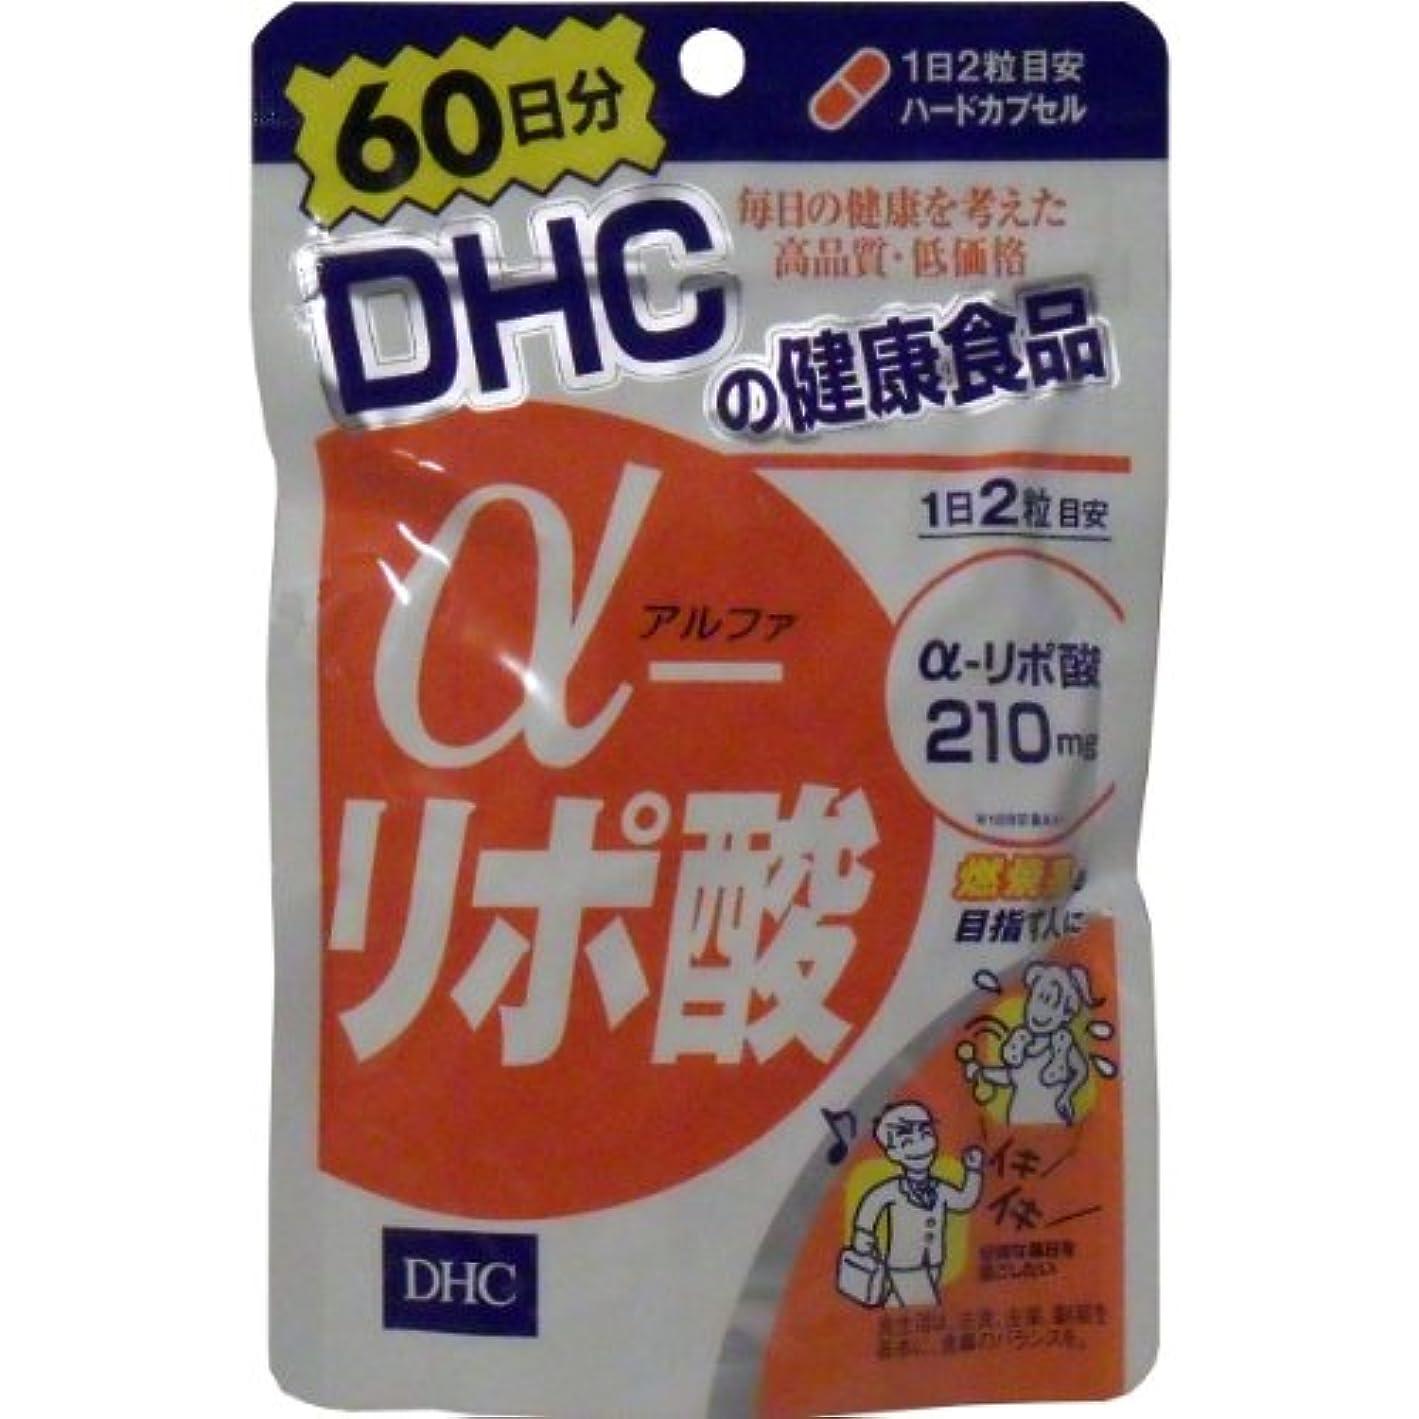 よく話されるカエルハードウェアα-リポ酸は、もともと体内にあるエネルギー活性成分。サプリメントでの効率的な補給がおすすめ!DHC120粒 60日分